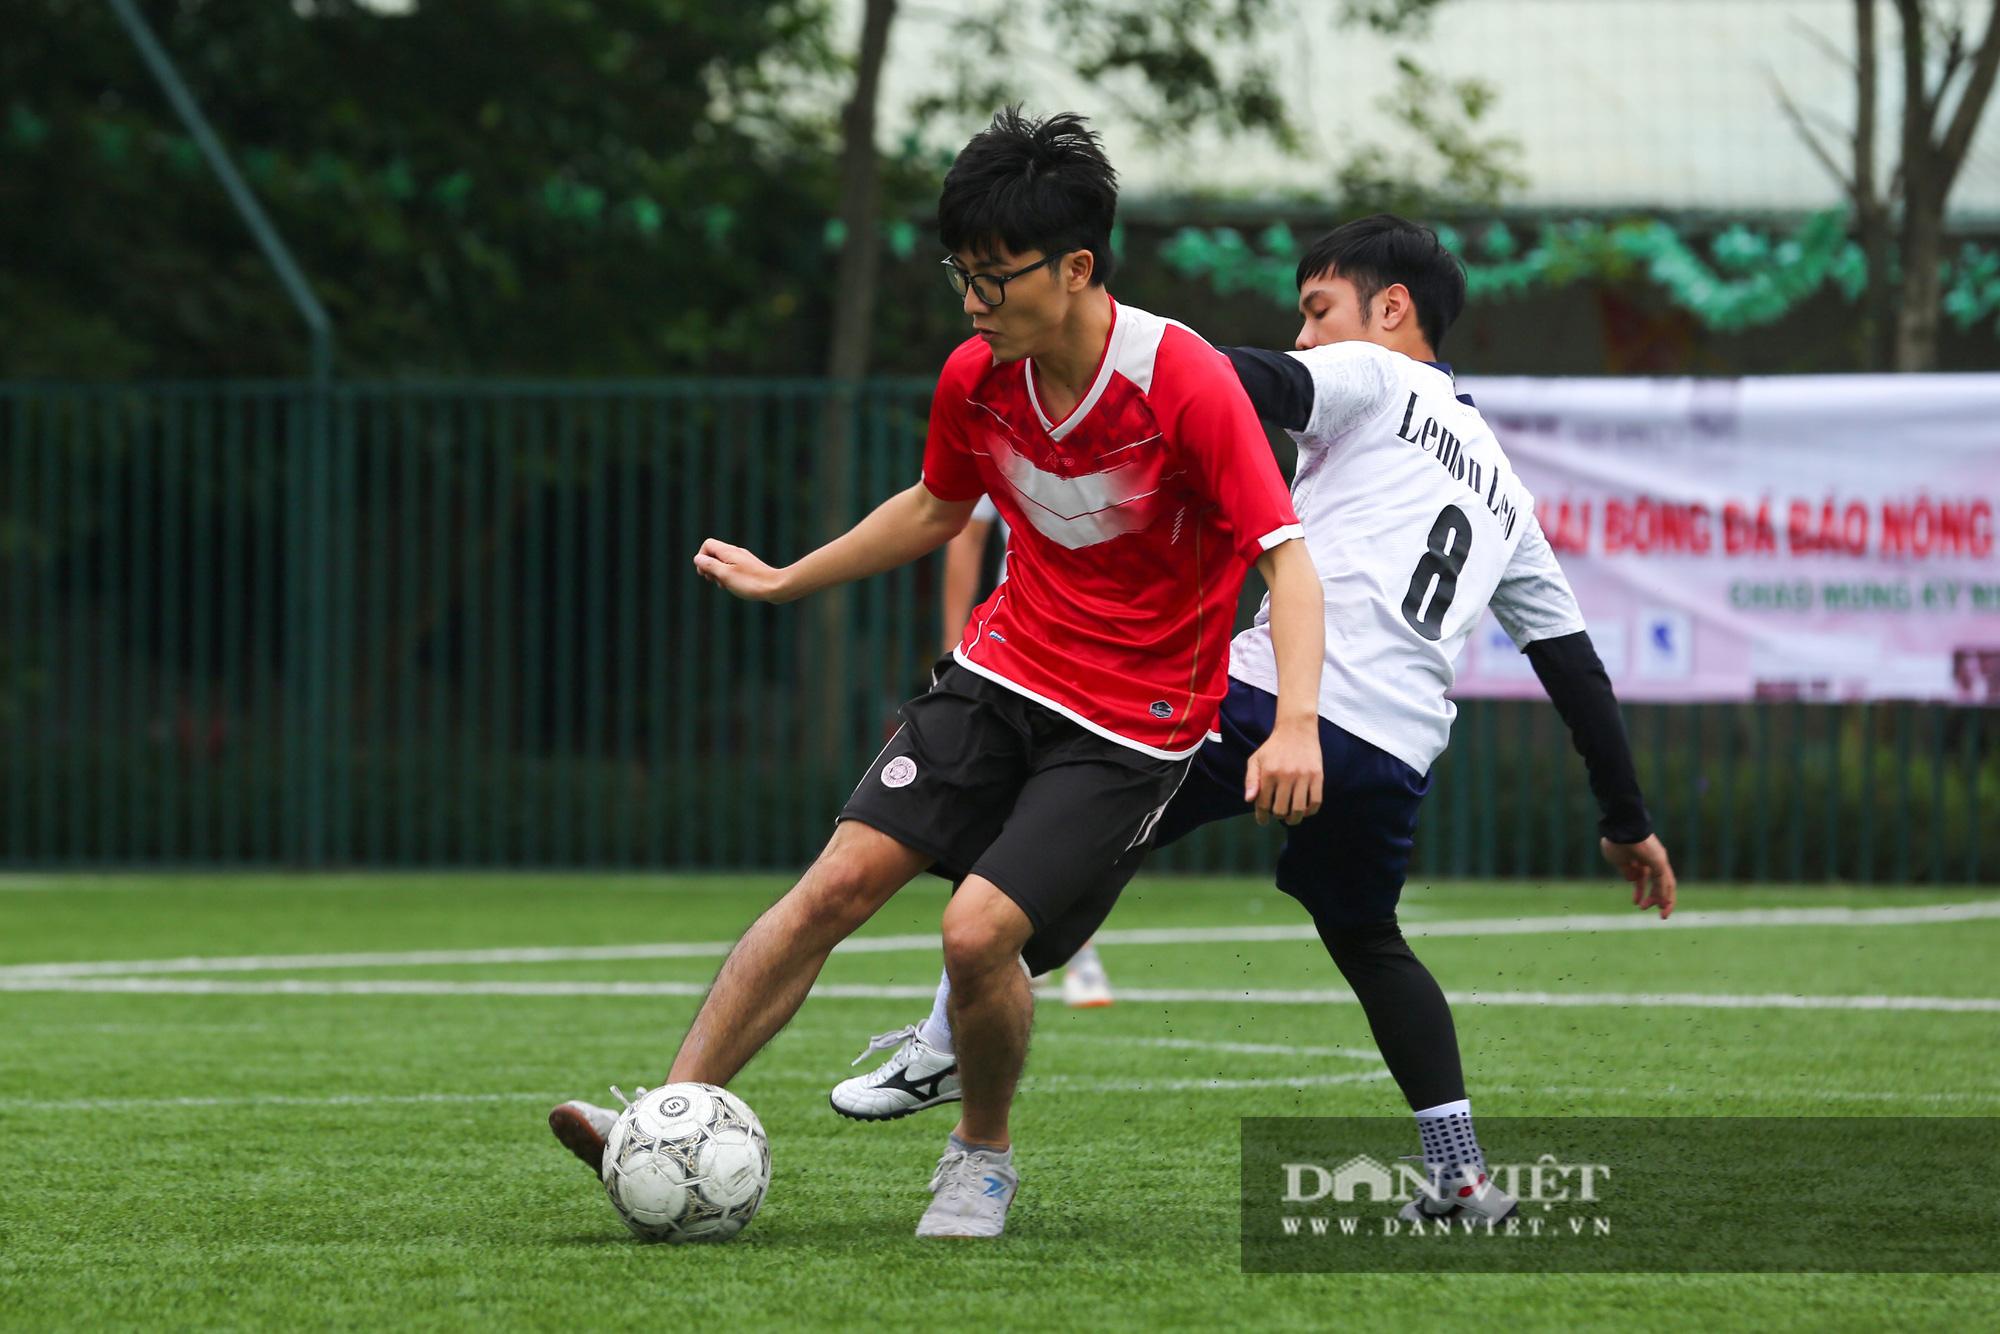 Khoảnh khắc lượt trận cuối cùng vòng bảng giải bóng đá báo NTNN/Dân Việt  - Ảnh 16.